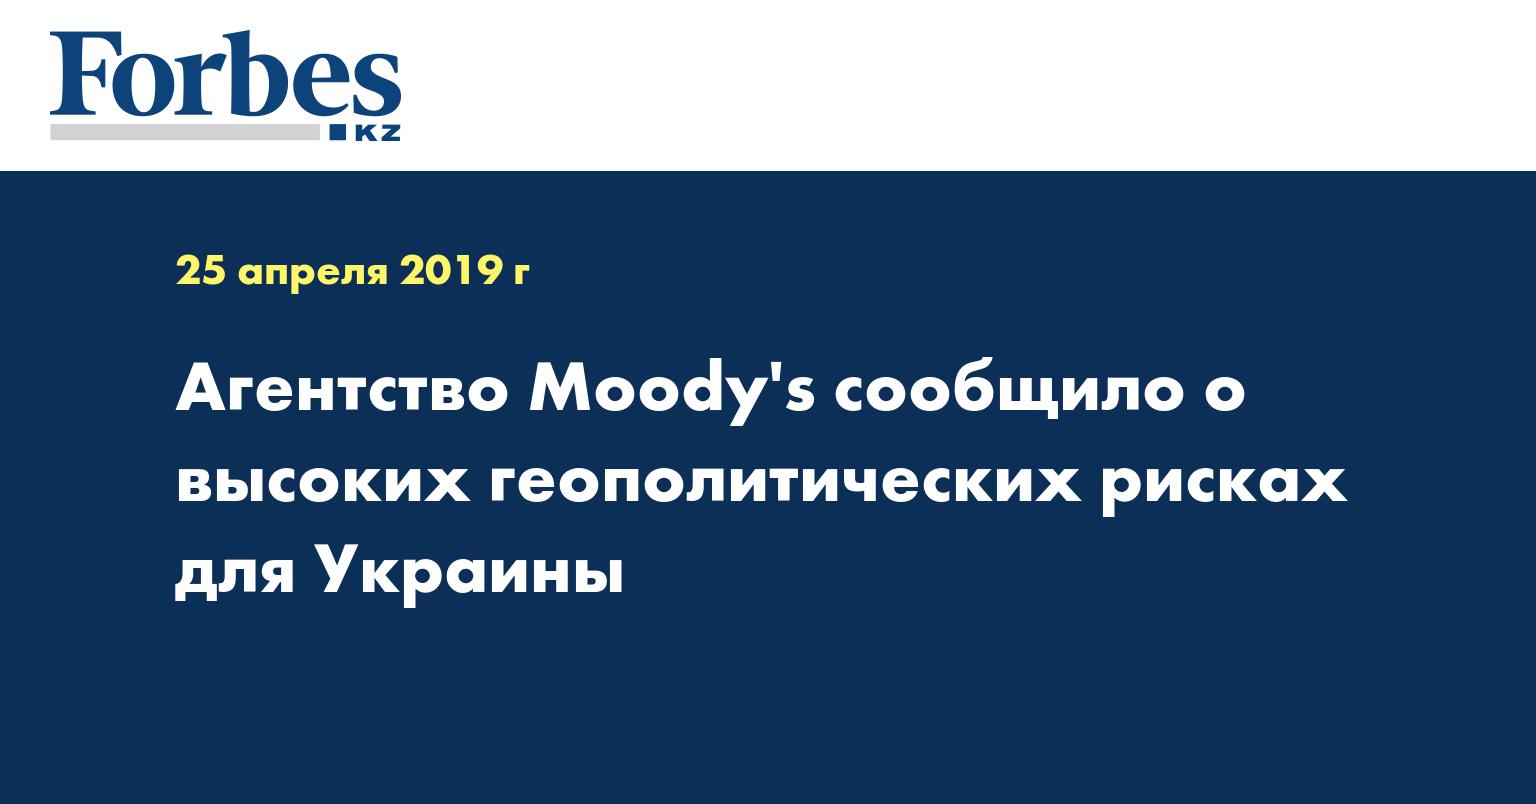 Агентство Moody's сообщило о высоких геополитических рисках для Украины